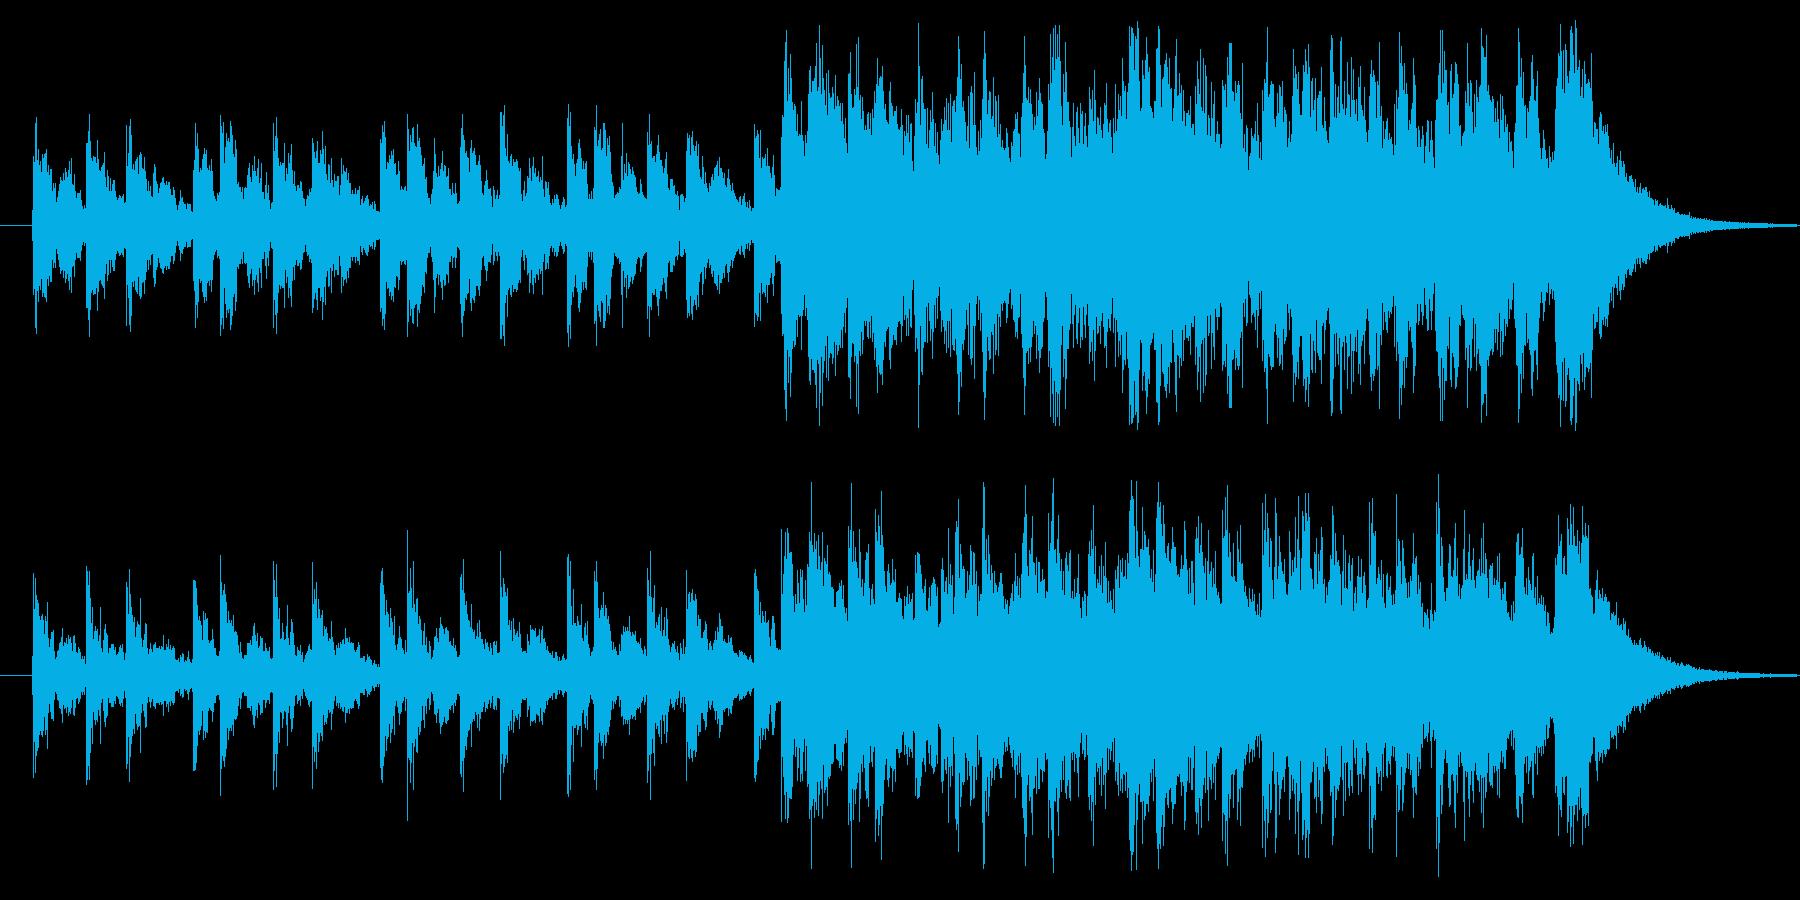 追跡や脱出シーンの緊張感を表現した変テ…の再生済みの波形